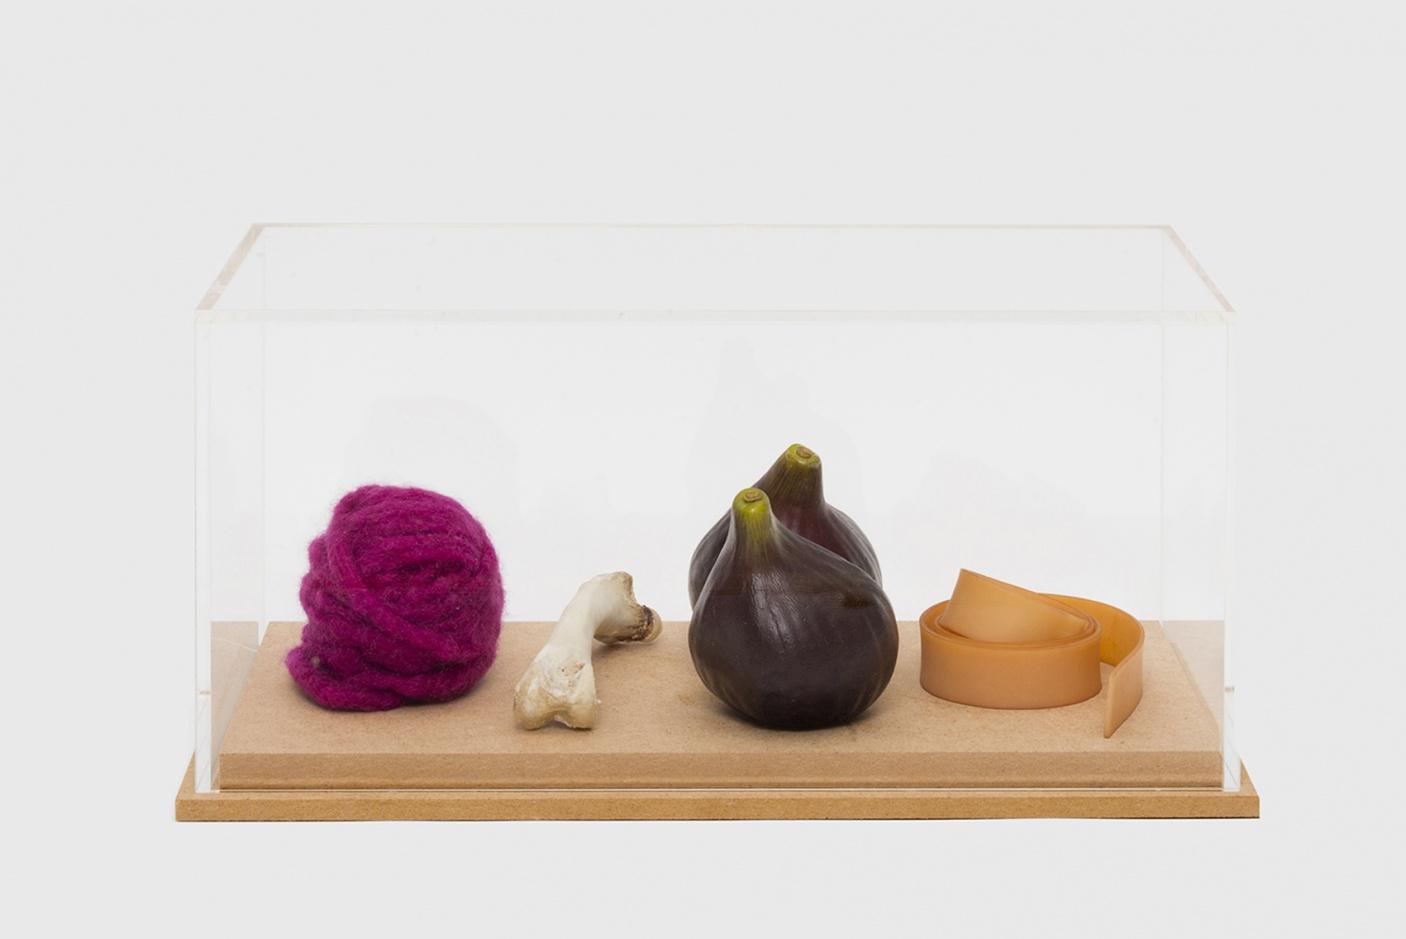 Rébus Romain Denis : laine-os-2 figues-garot